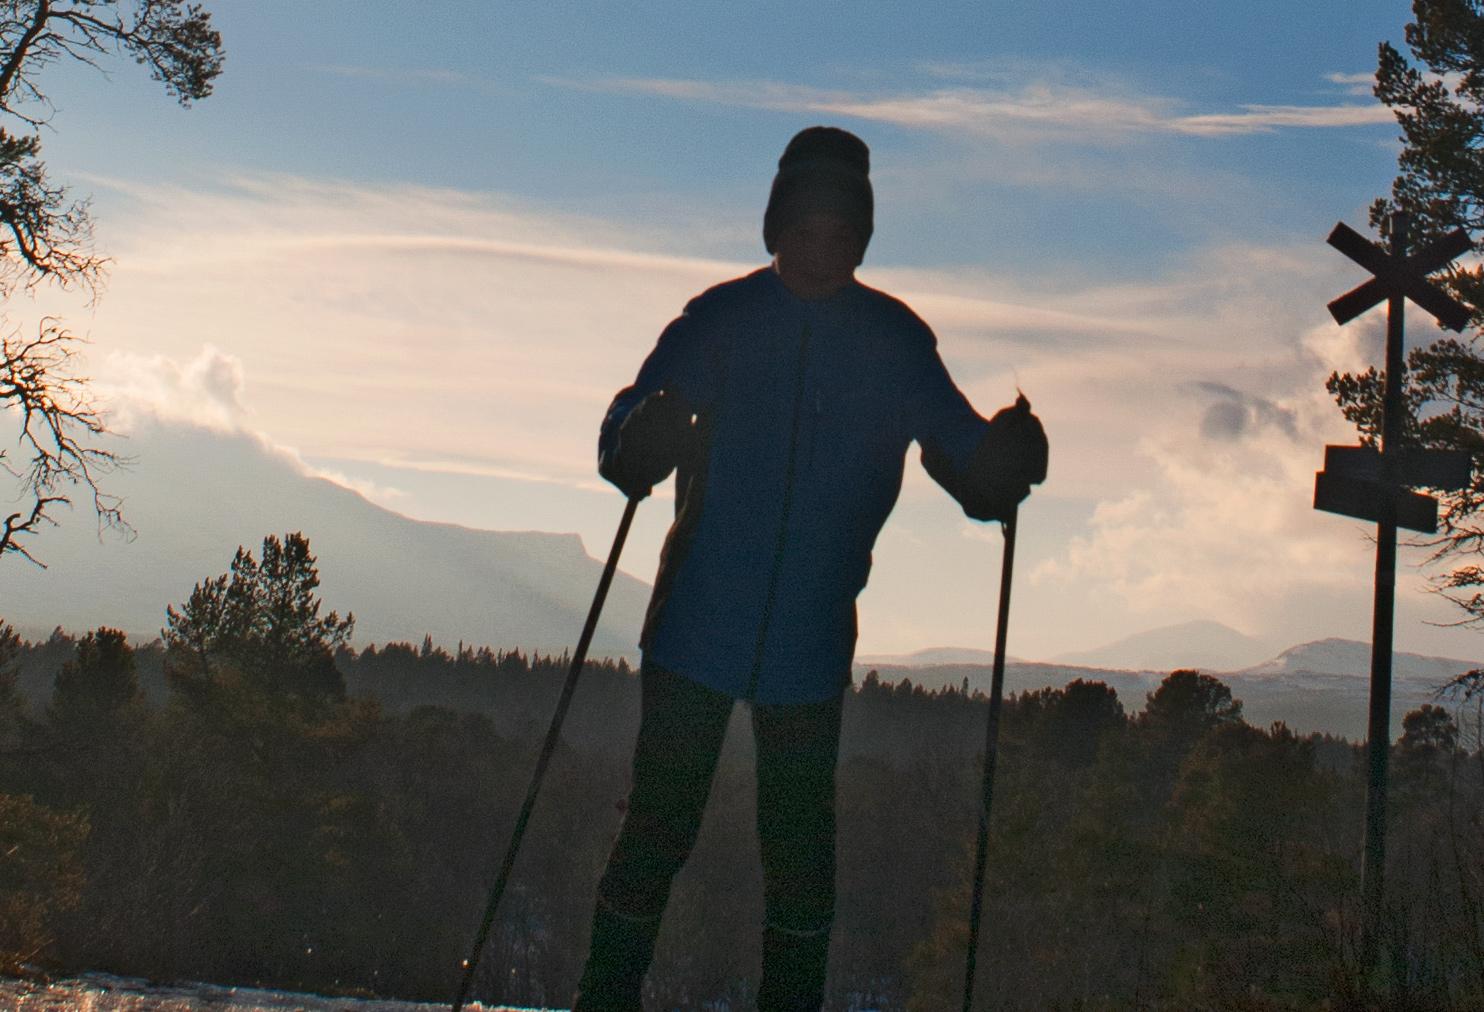 Nulltjärnsrundan I Vålådalen, Skidåkning I Skogsterräng Med Vackra Vyer. En Fjällupplevelse I Världsklass I Södra Årefjällen.